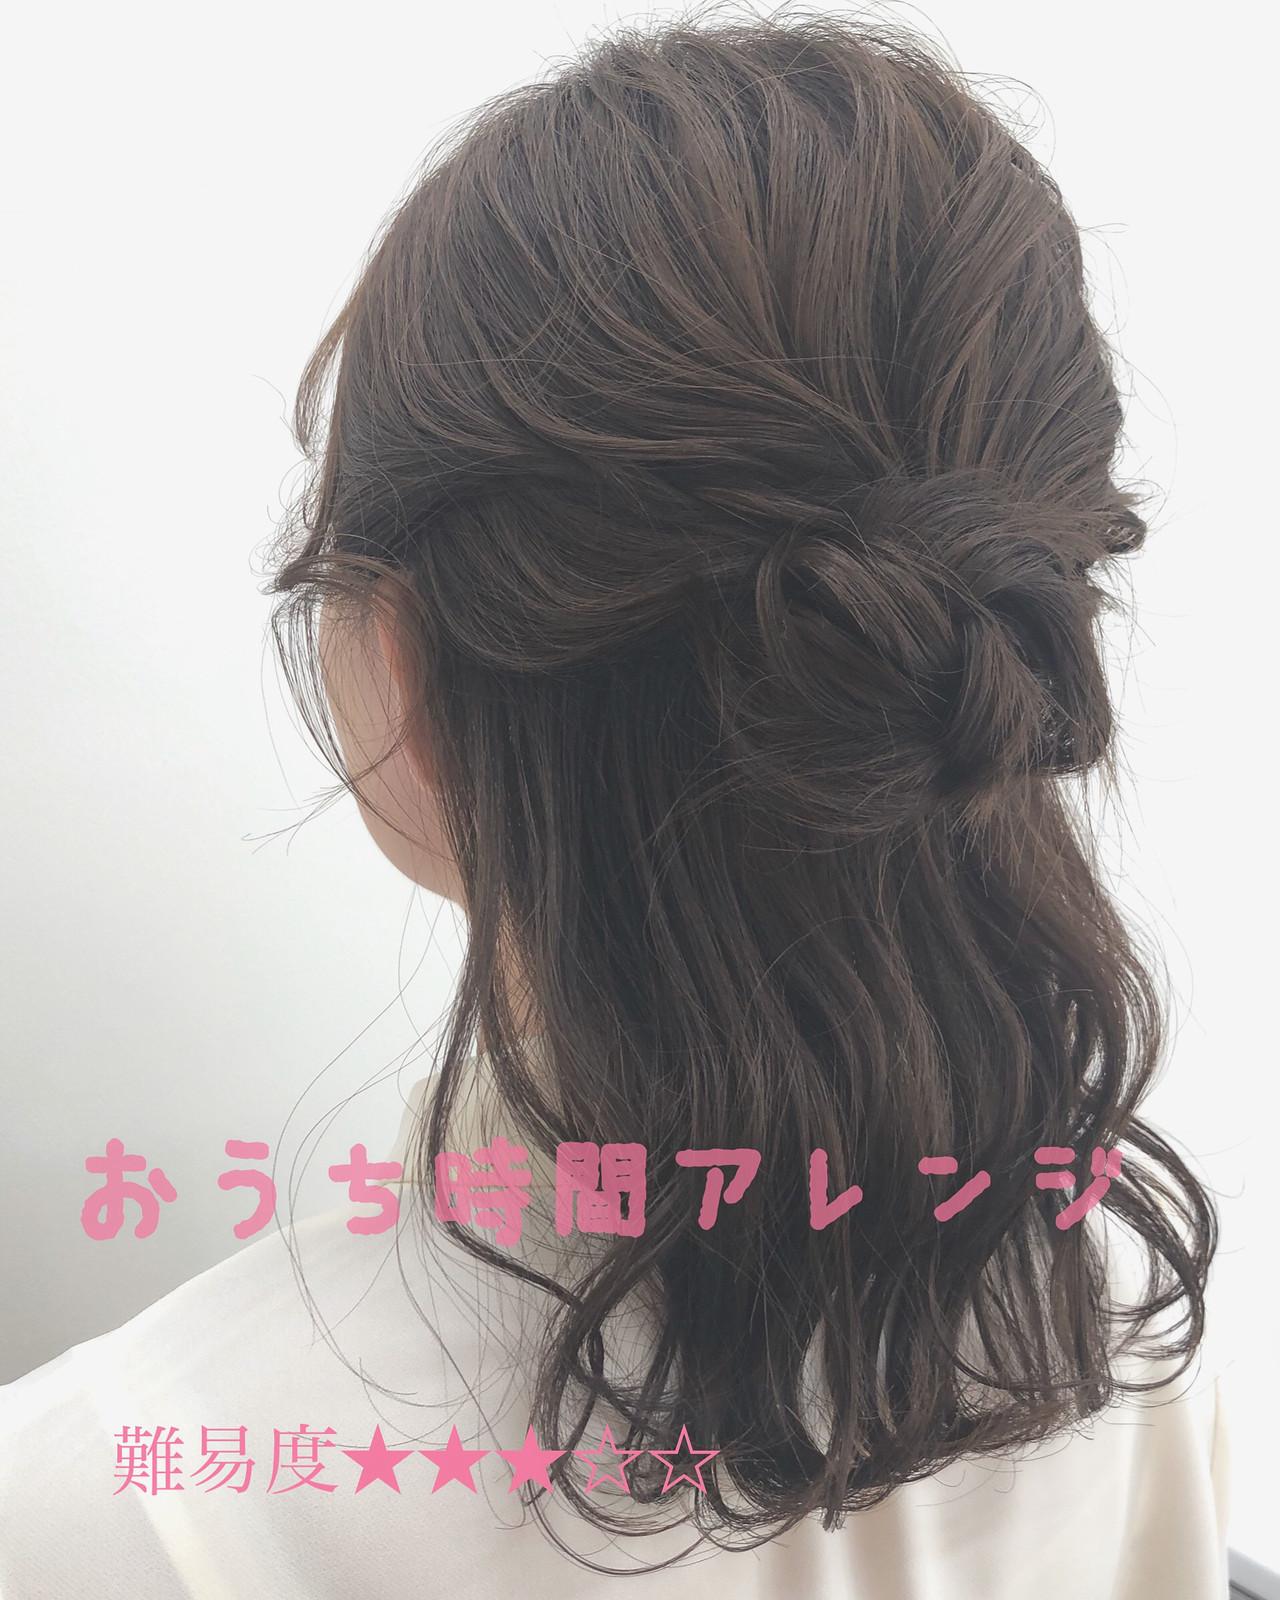 セルフアレンジ お団子ヘア ナチュラル セミロング ヘアスタイルや髪型の写真・画像